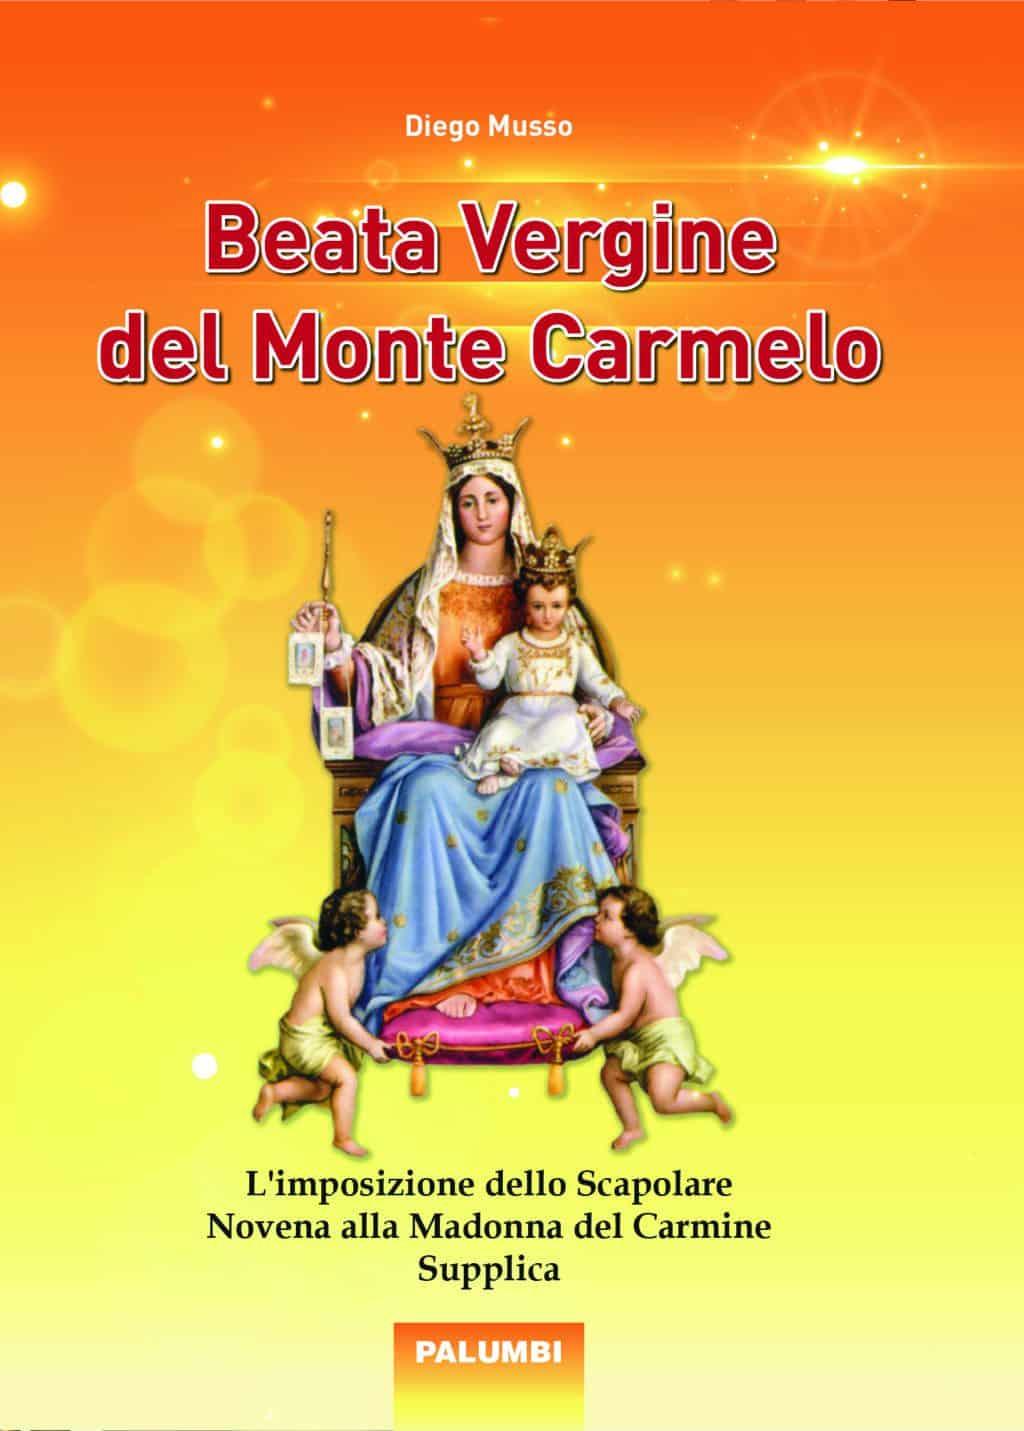 copertina_pellegrinaggio_11,5x16,5